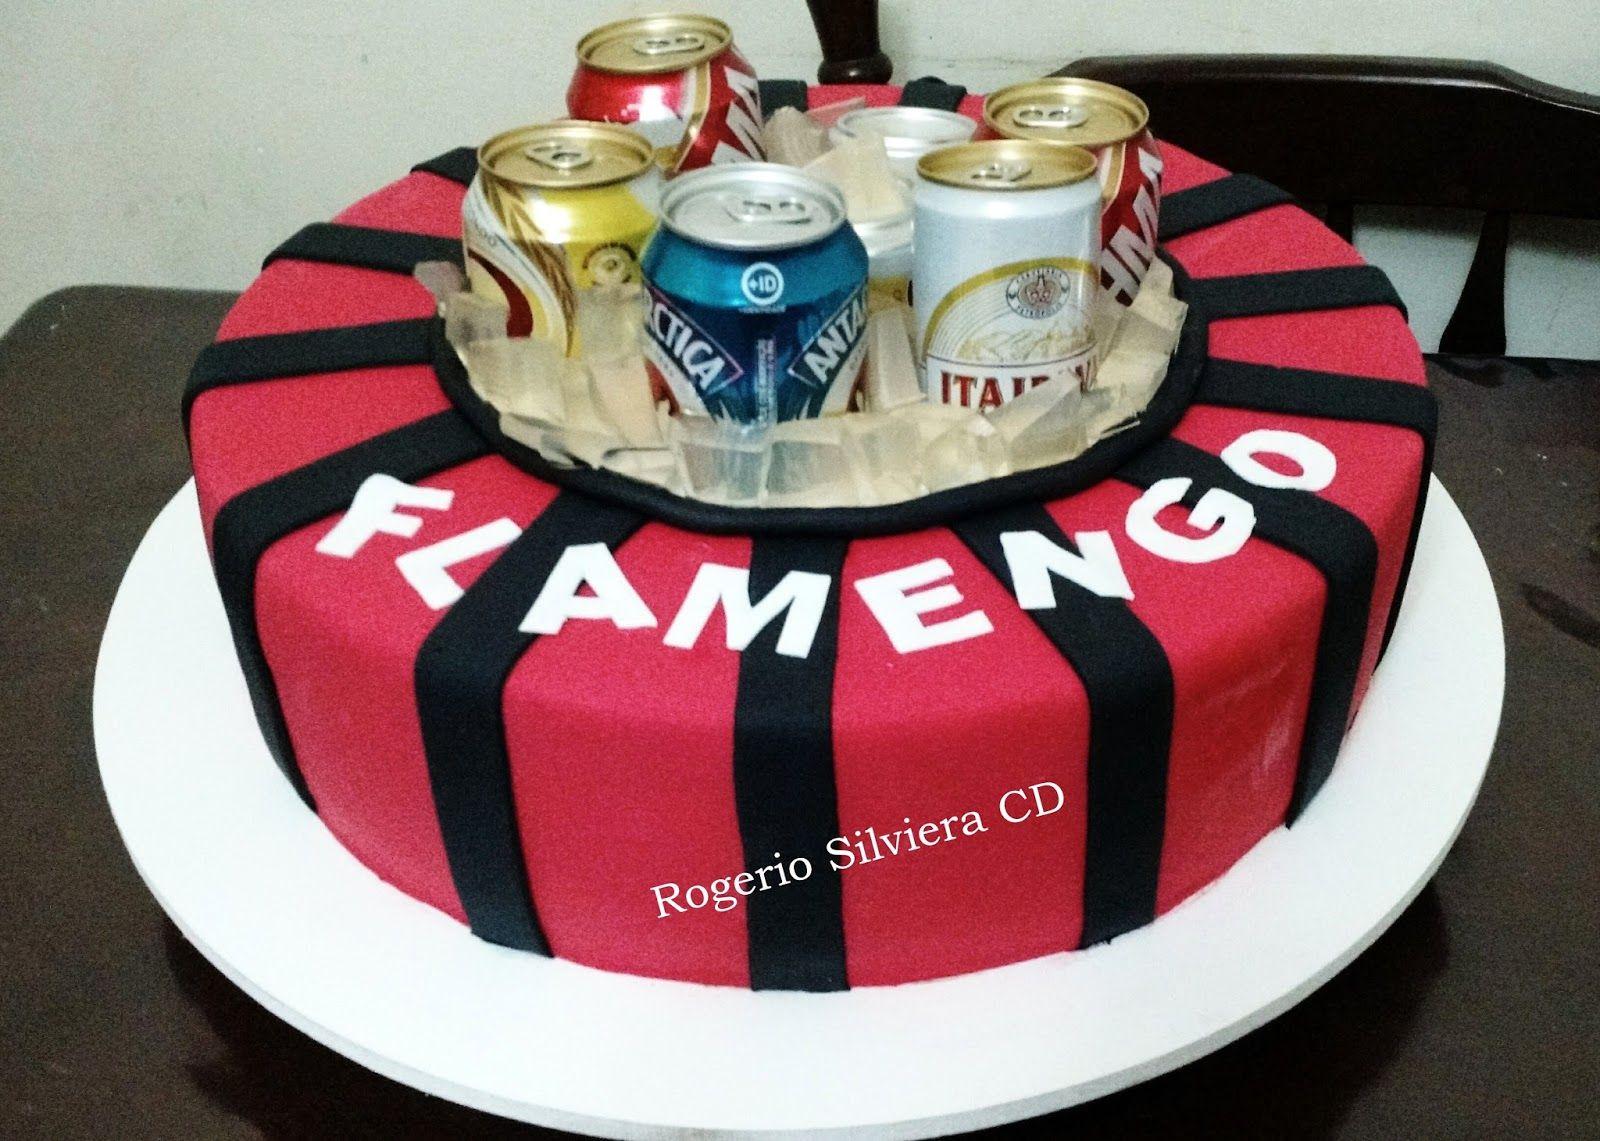 Bolo Cervejas Flamengo Jpg 1600 1141 Bolo Bolo Cerveja Bolo